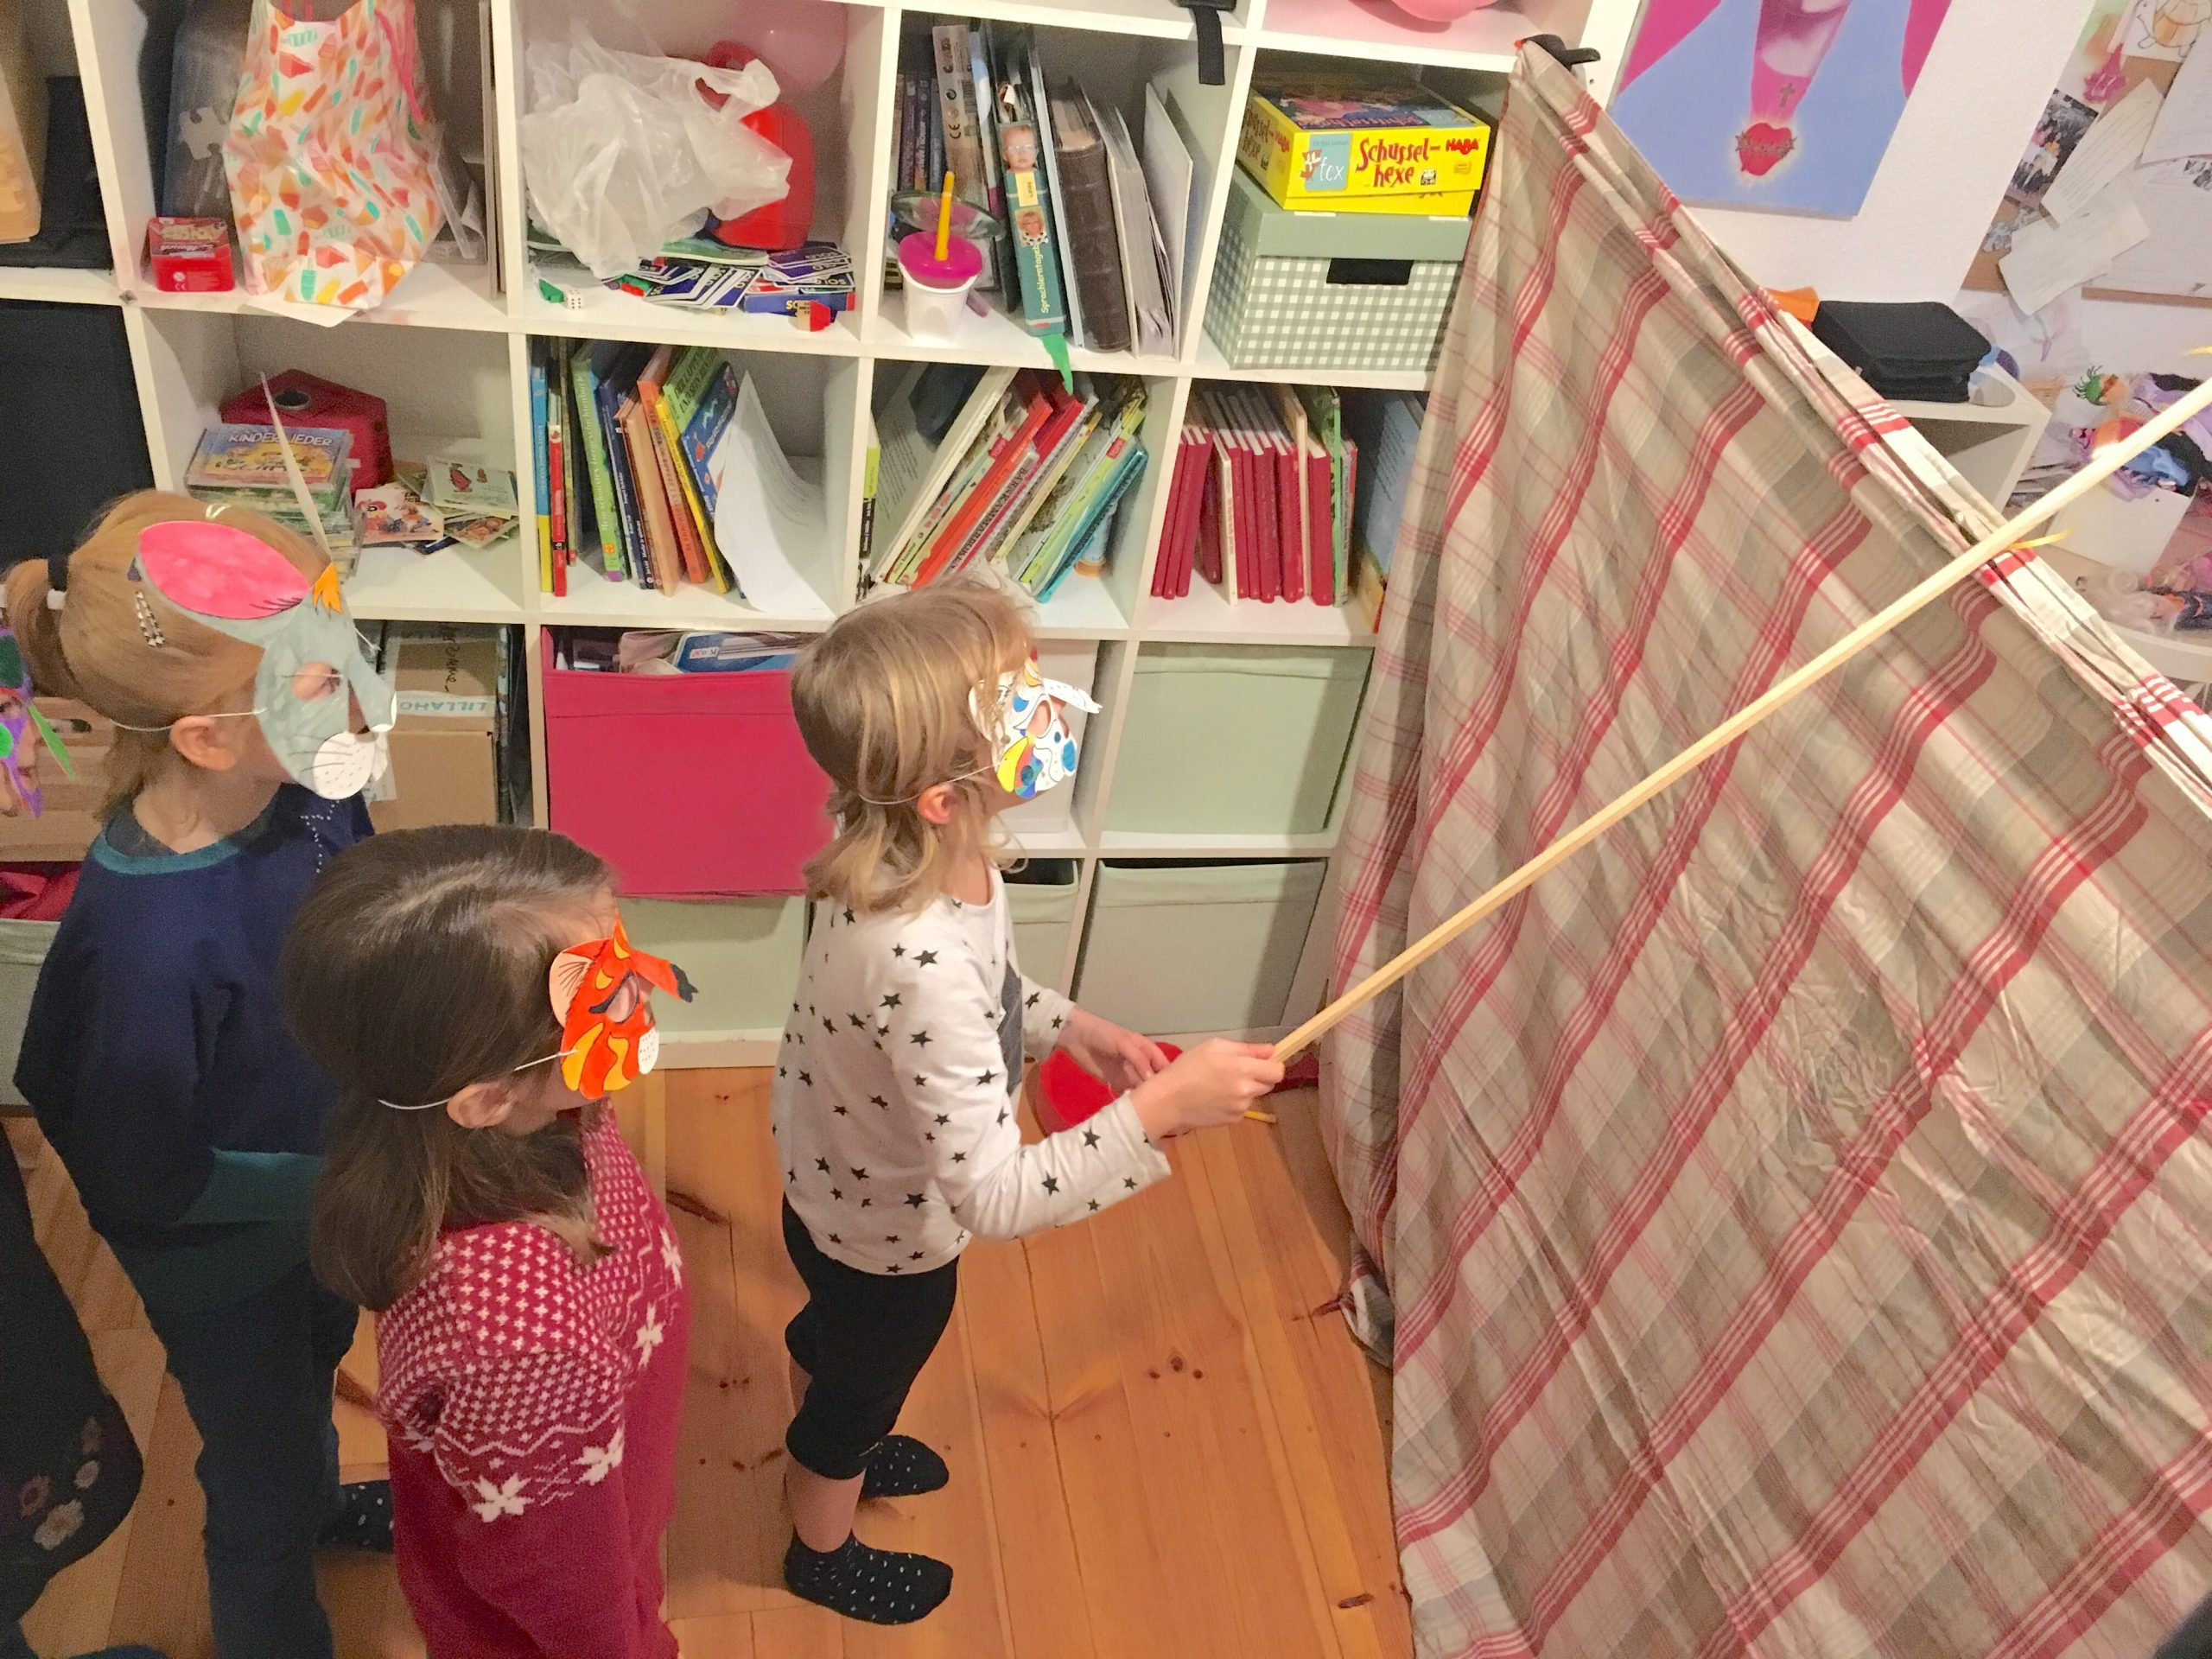 Kindergeburtstag Ideen Für 4-7 Jährige -Für Eltern Mit Wenig über Spiele Zum Kindergeburtstag Für 4 Jährige